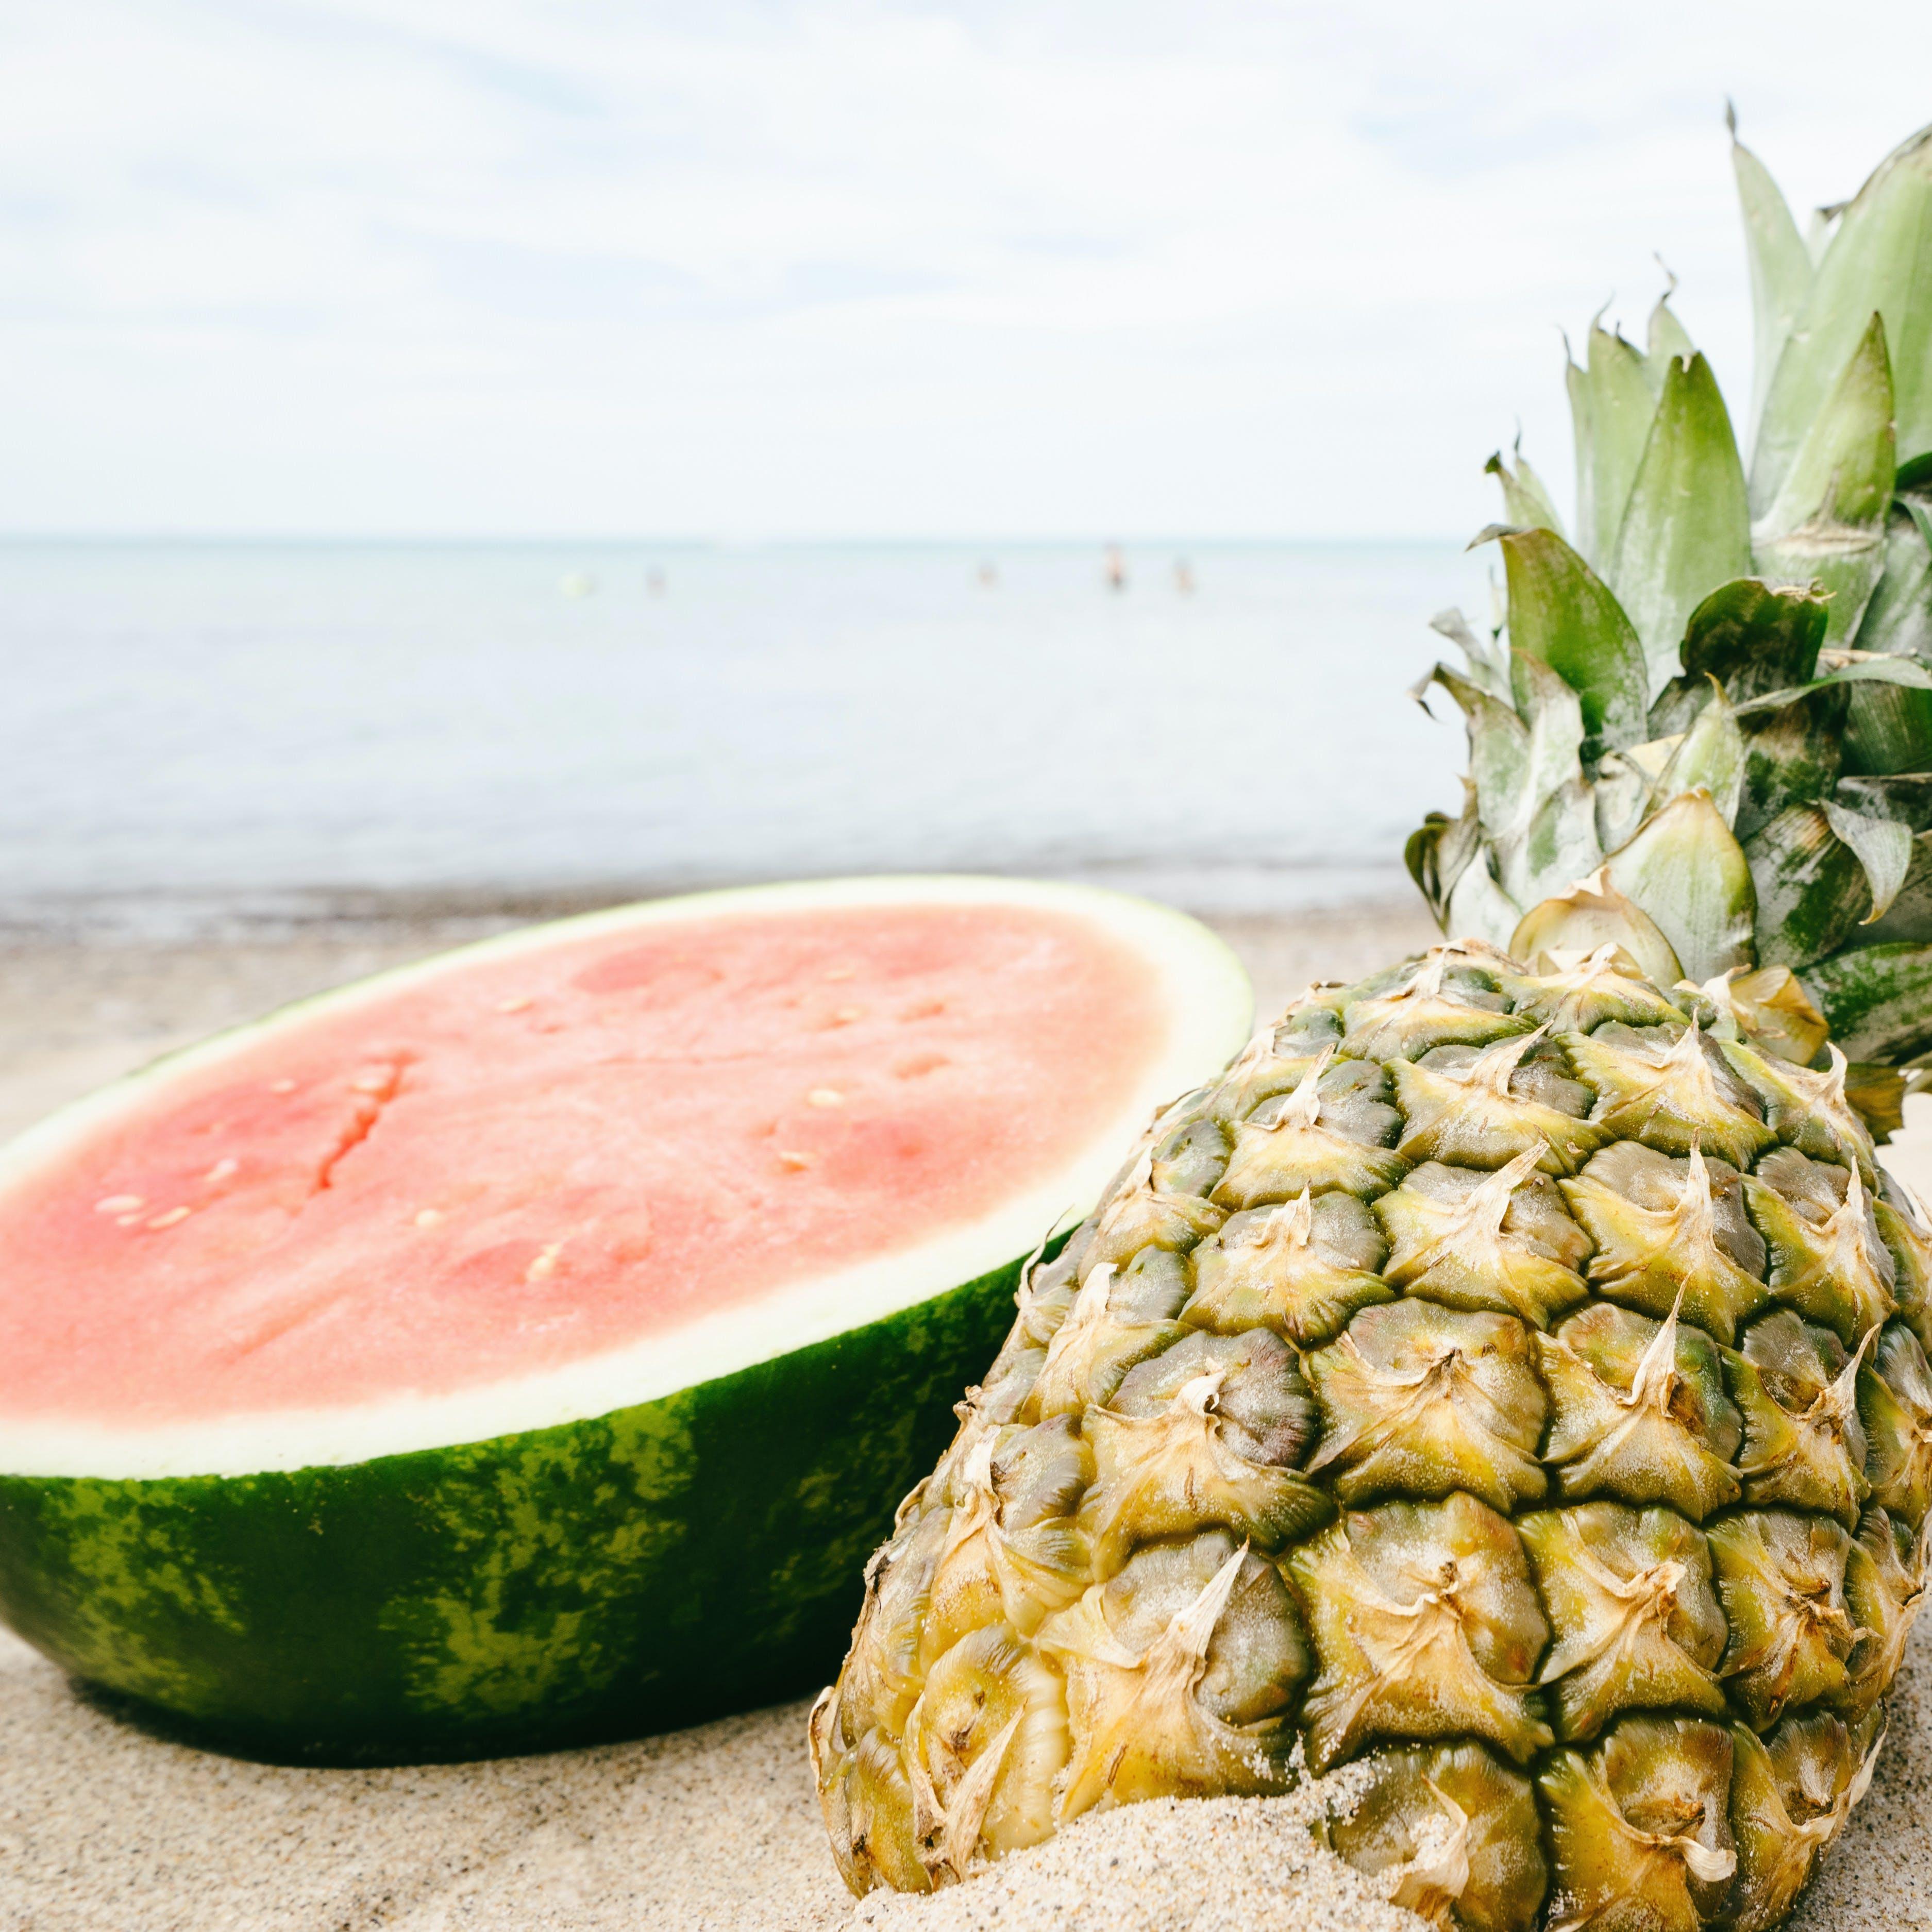 beach, beachlife, blur